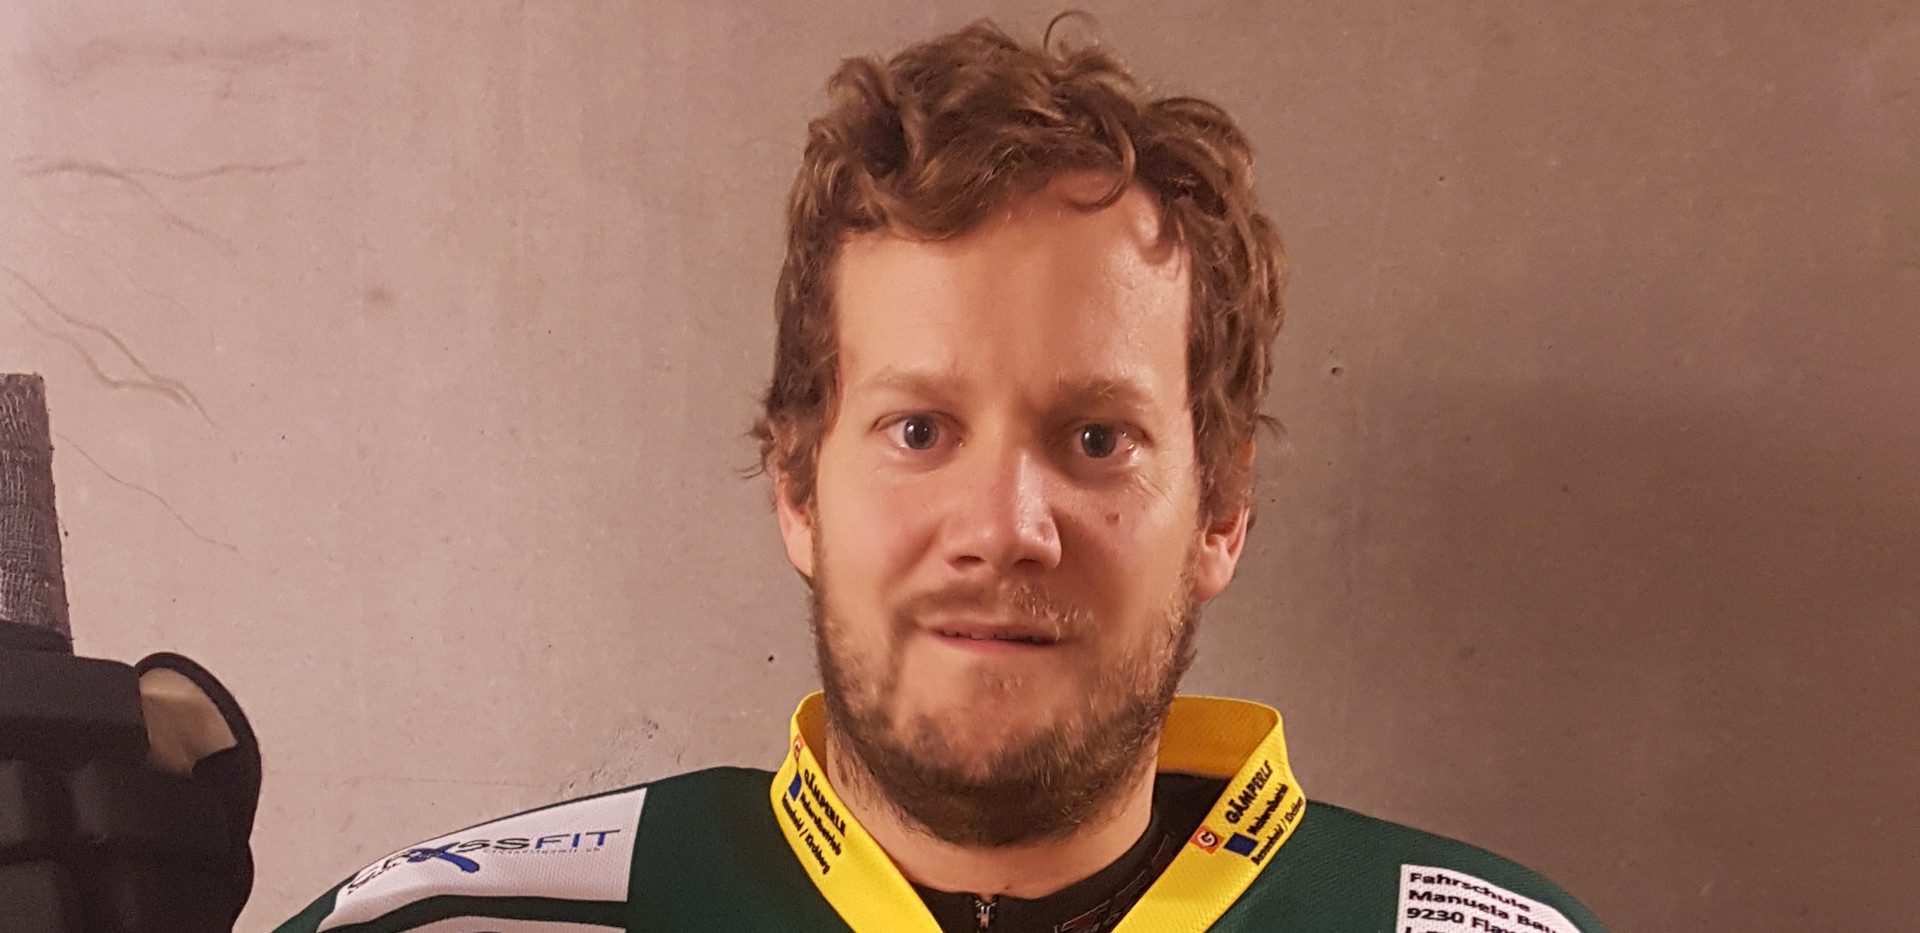 Andreas Kuttelwascher #9